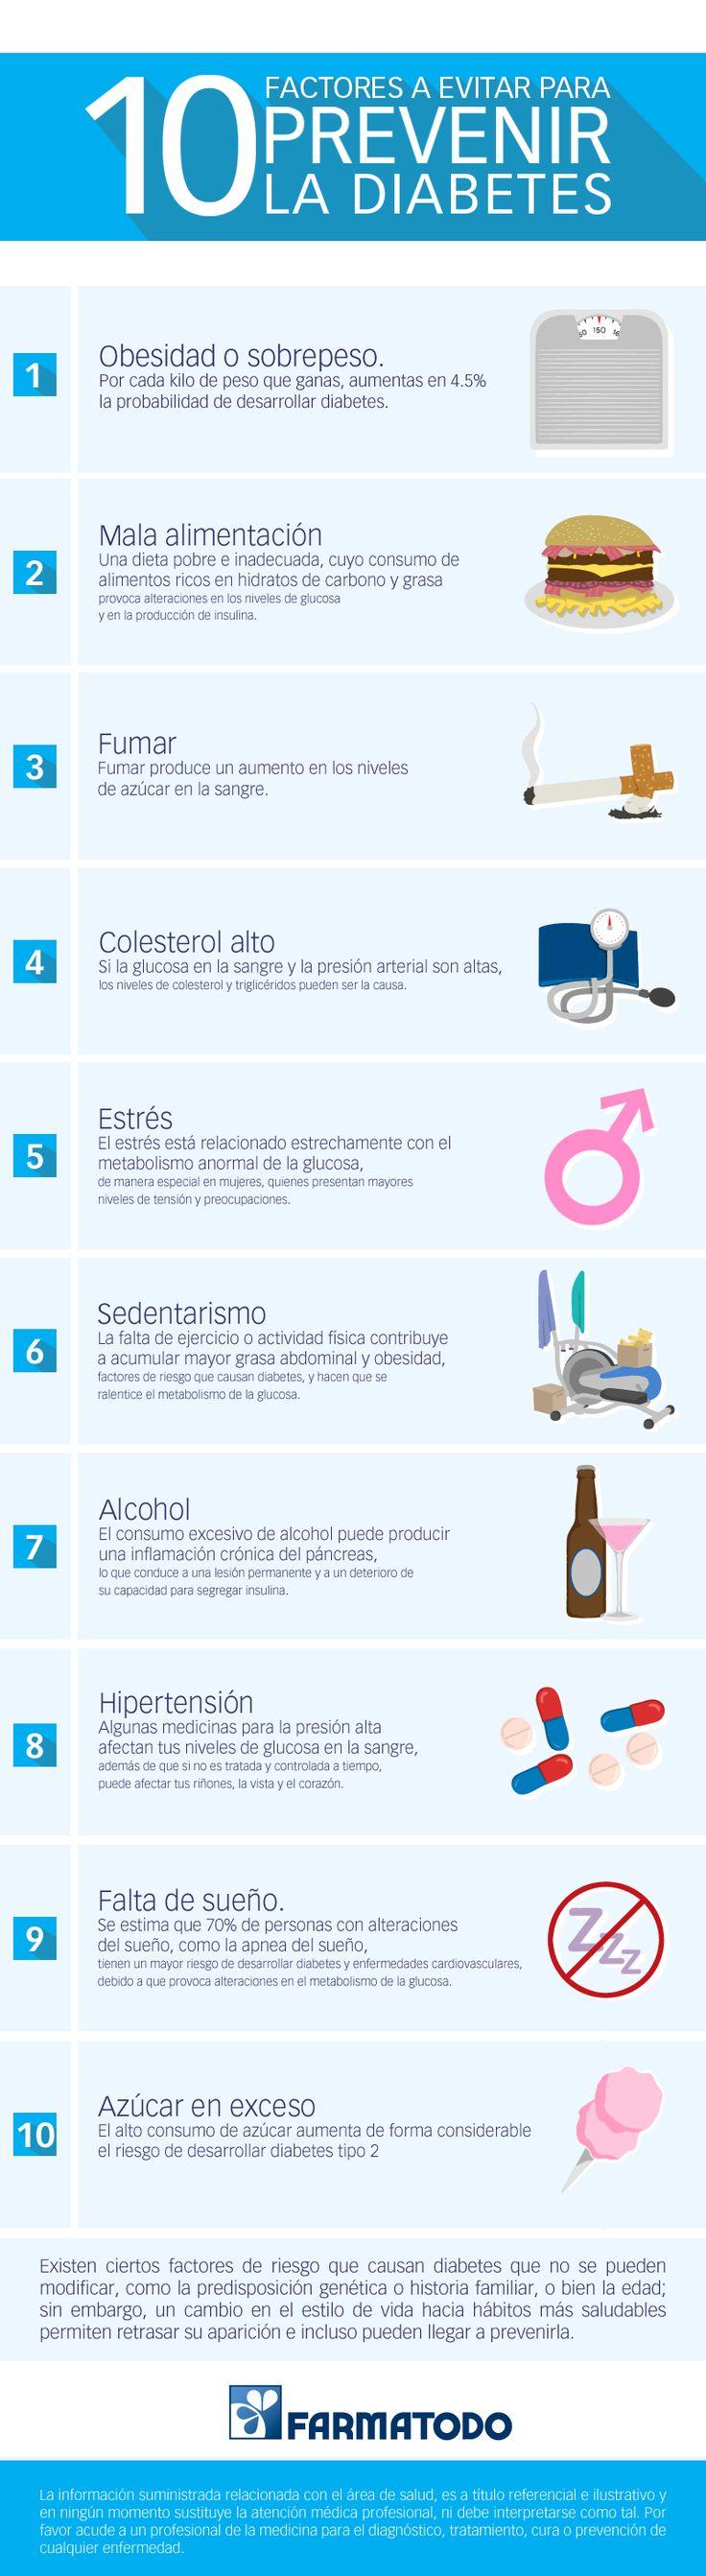 Evita estos 10 factores y prevén la diabetes #salud